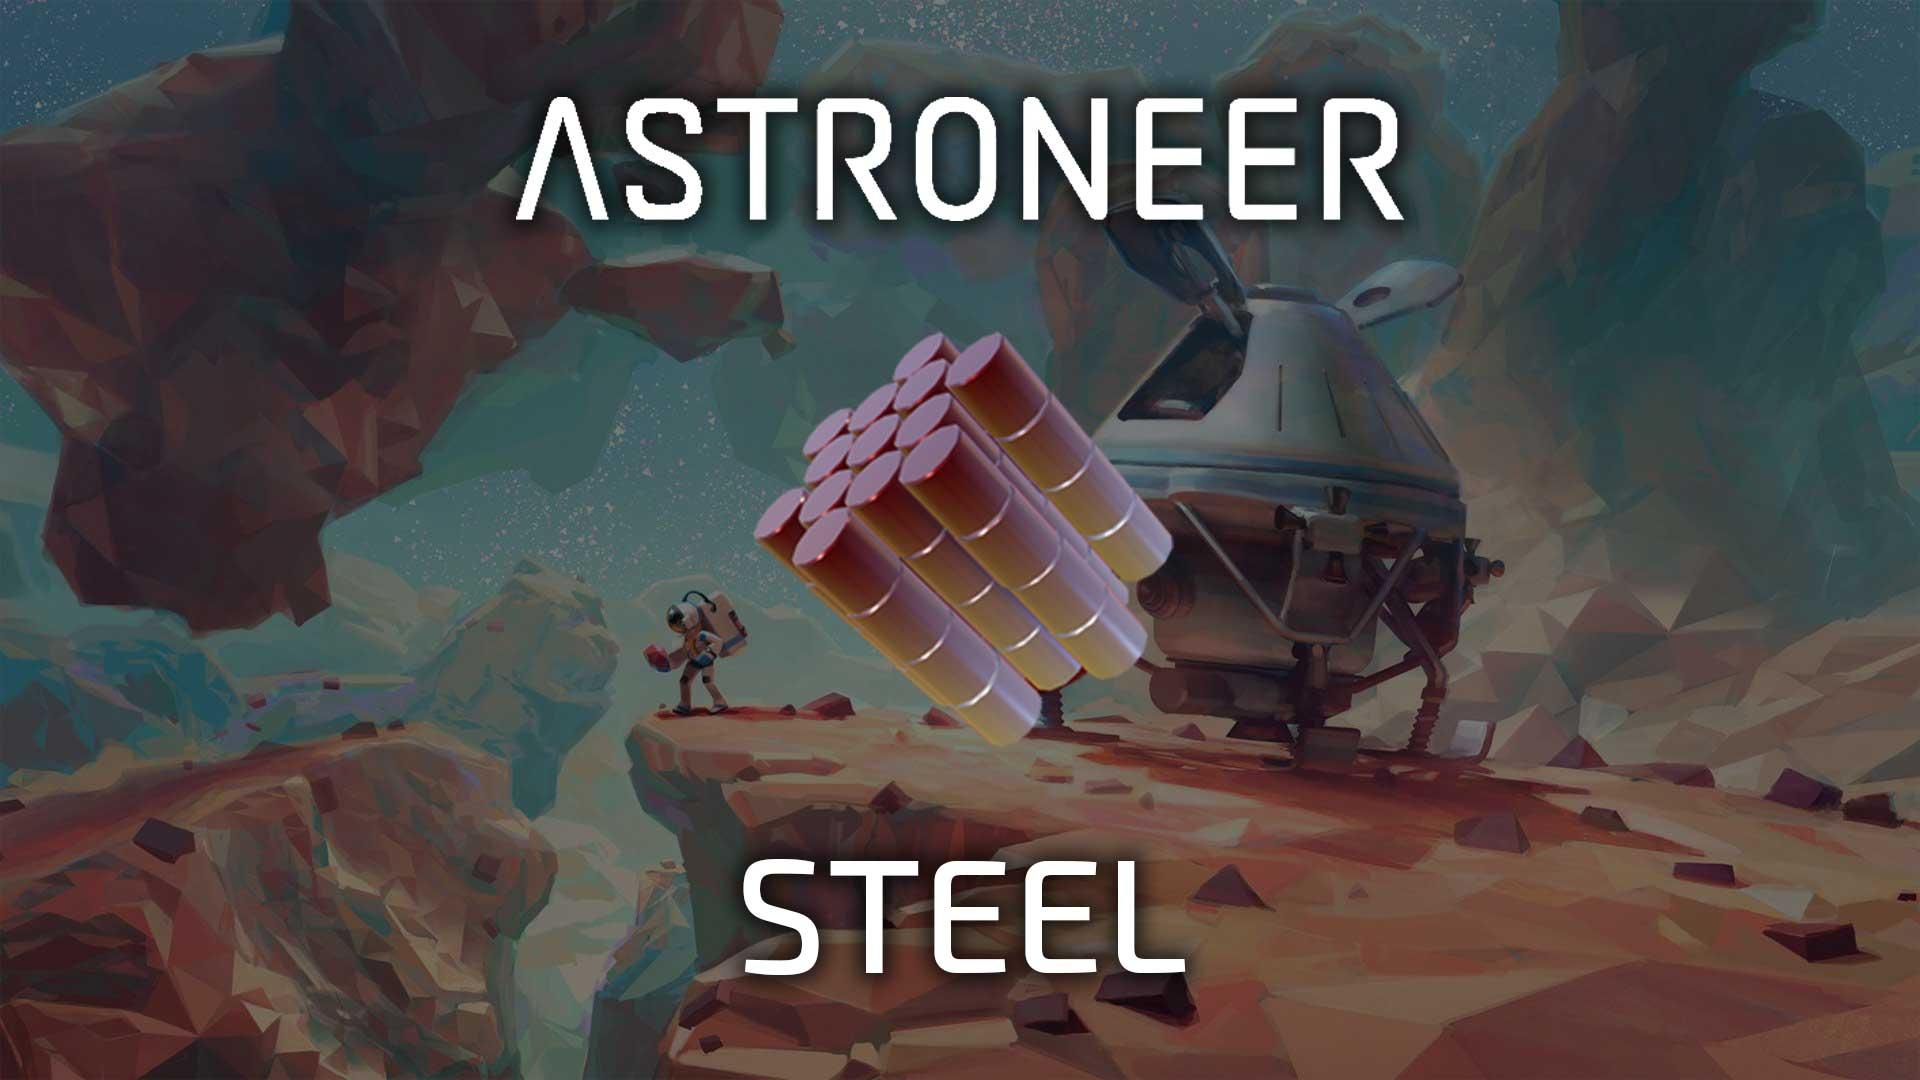 astroneer steel